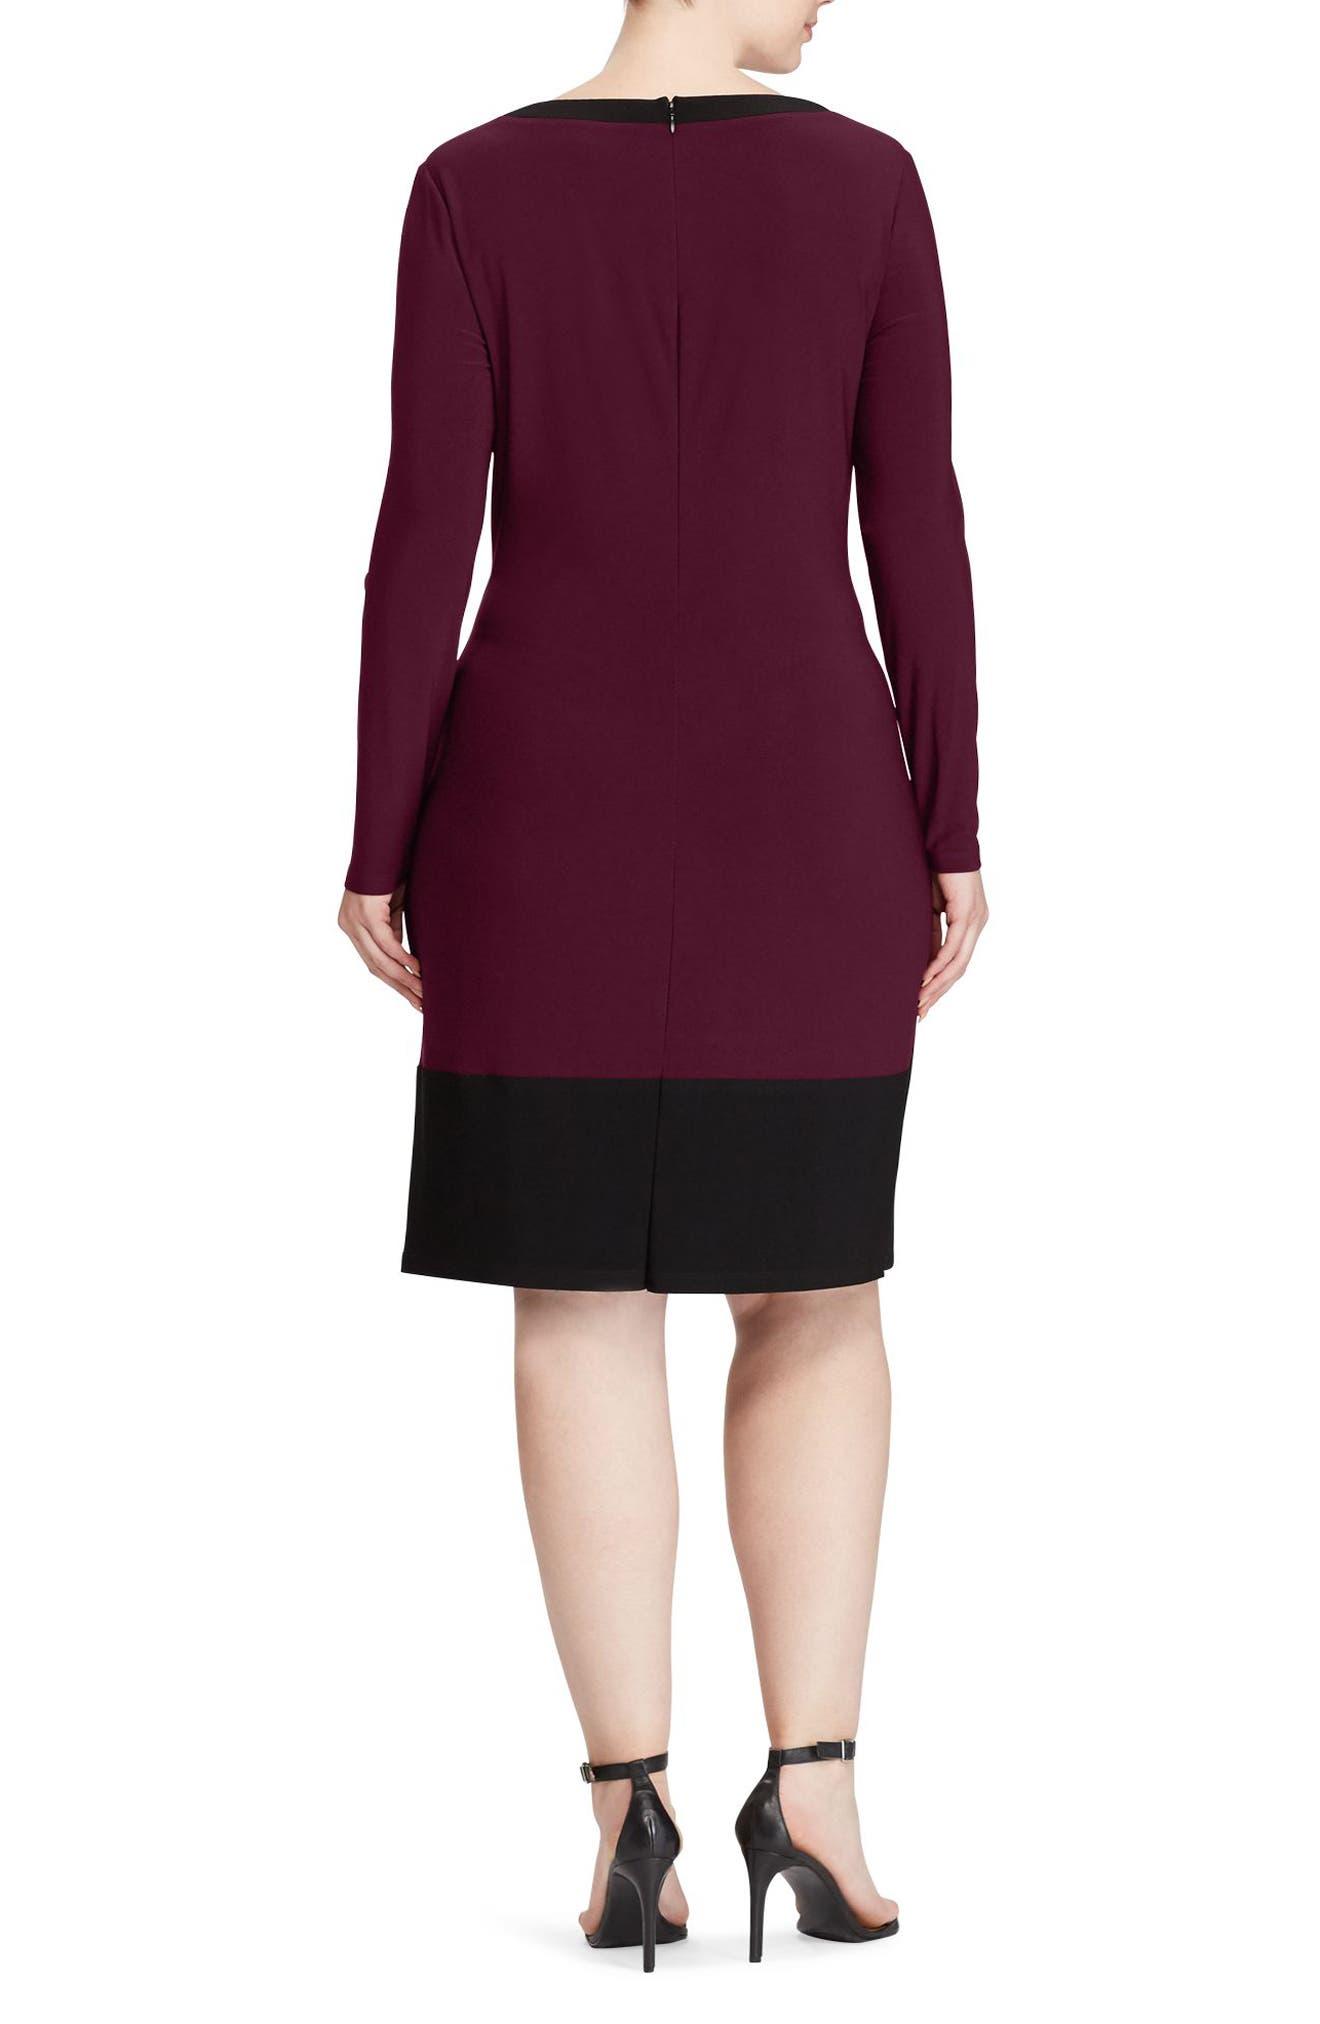 Colorblock Sheath Dress,                             Alternate thumbnail 2, color,                             Rioja-Black